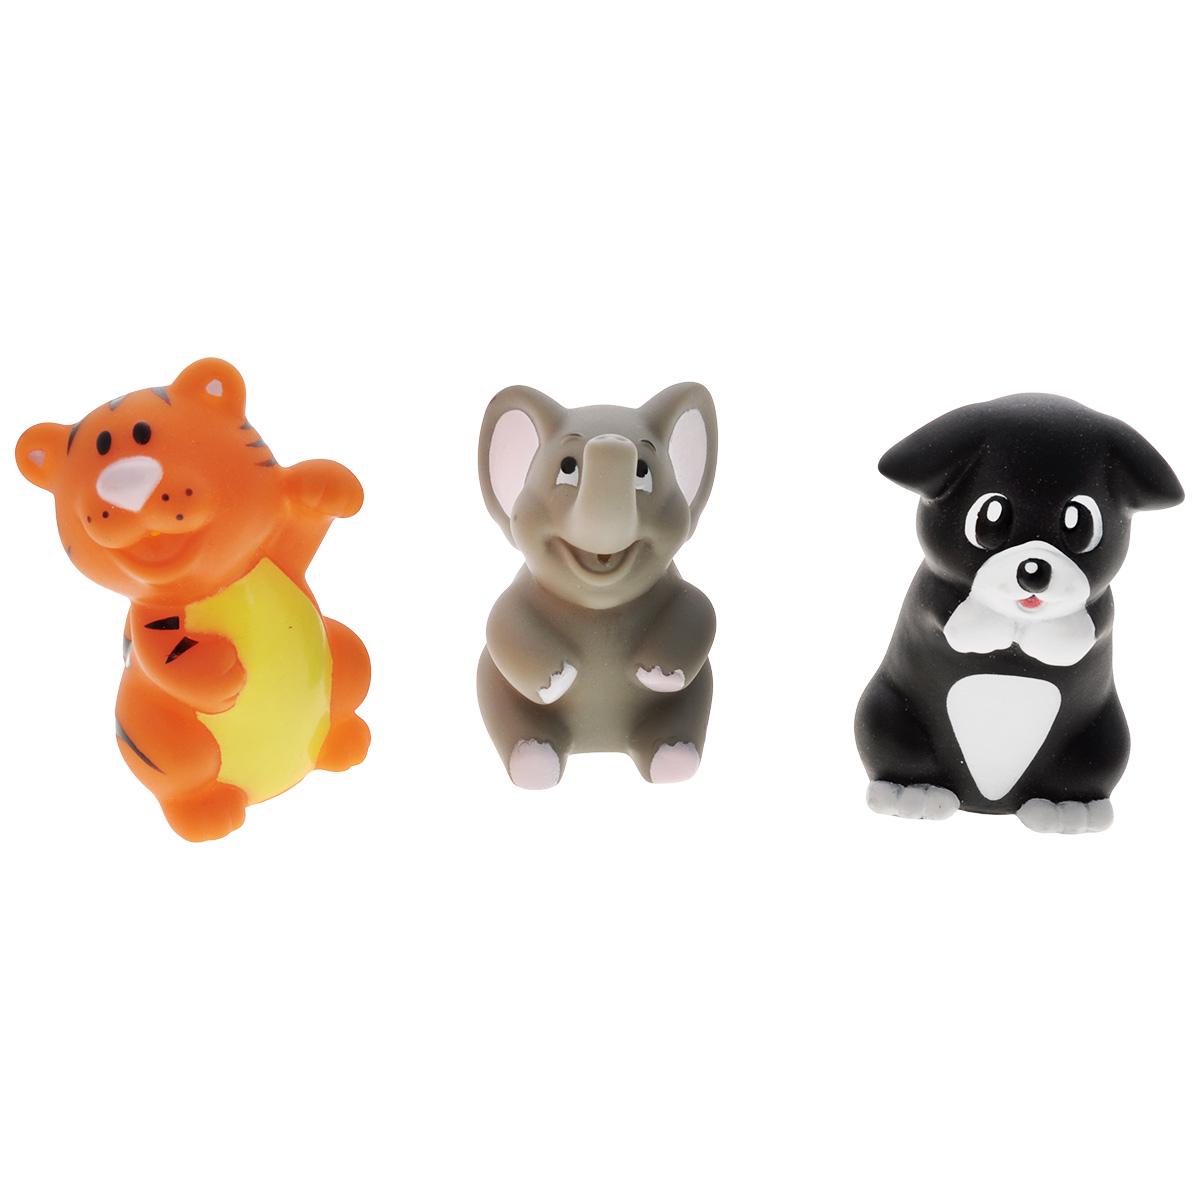 Игровой набор для ванны Mioshi Удивительные животные, 3 штMAU0304-009С набором для ванны Mioshi Удивительные животные принимать водные процедуры станет ещё веселее и приятнее. Набор включает в себя три разные игрушки: тигренка, слоненка и собачку. Все составляющие набора приятны на ощупь, имеют удобную для захвата маленькими пальчиками эргономичную форму и быстро сохнут. Забавным дополнением также будет возможность игрушек брызгать водой при сжатии. Устраивайте водные сражения! Игрушки Mioshi Aqua помогают малышам быстрее приспосабливаться к водной среде, а процесс принятия водных процедур делают веселым и увлекательным.